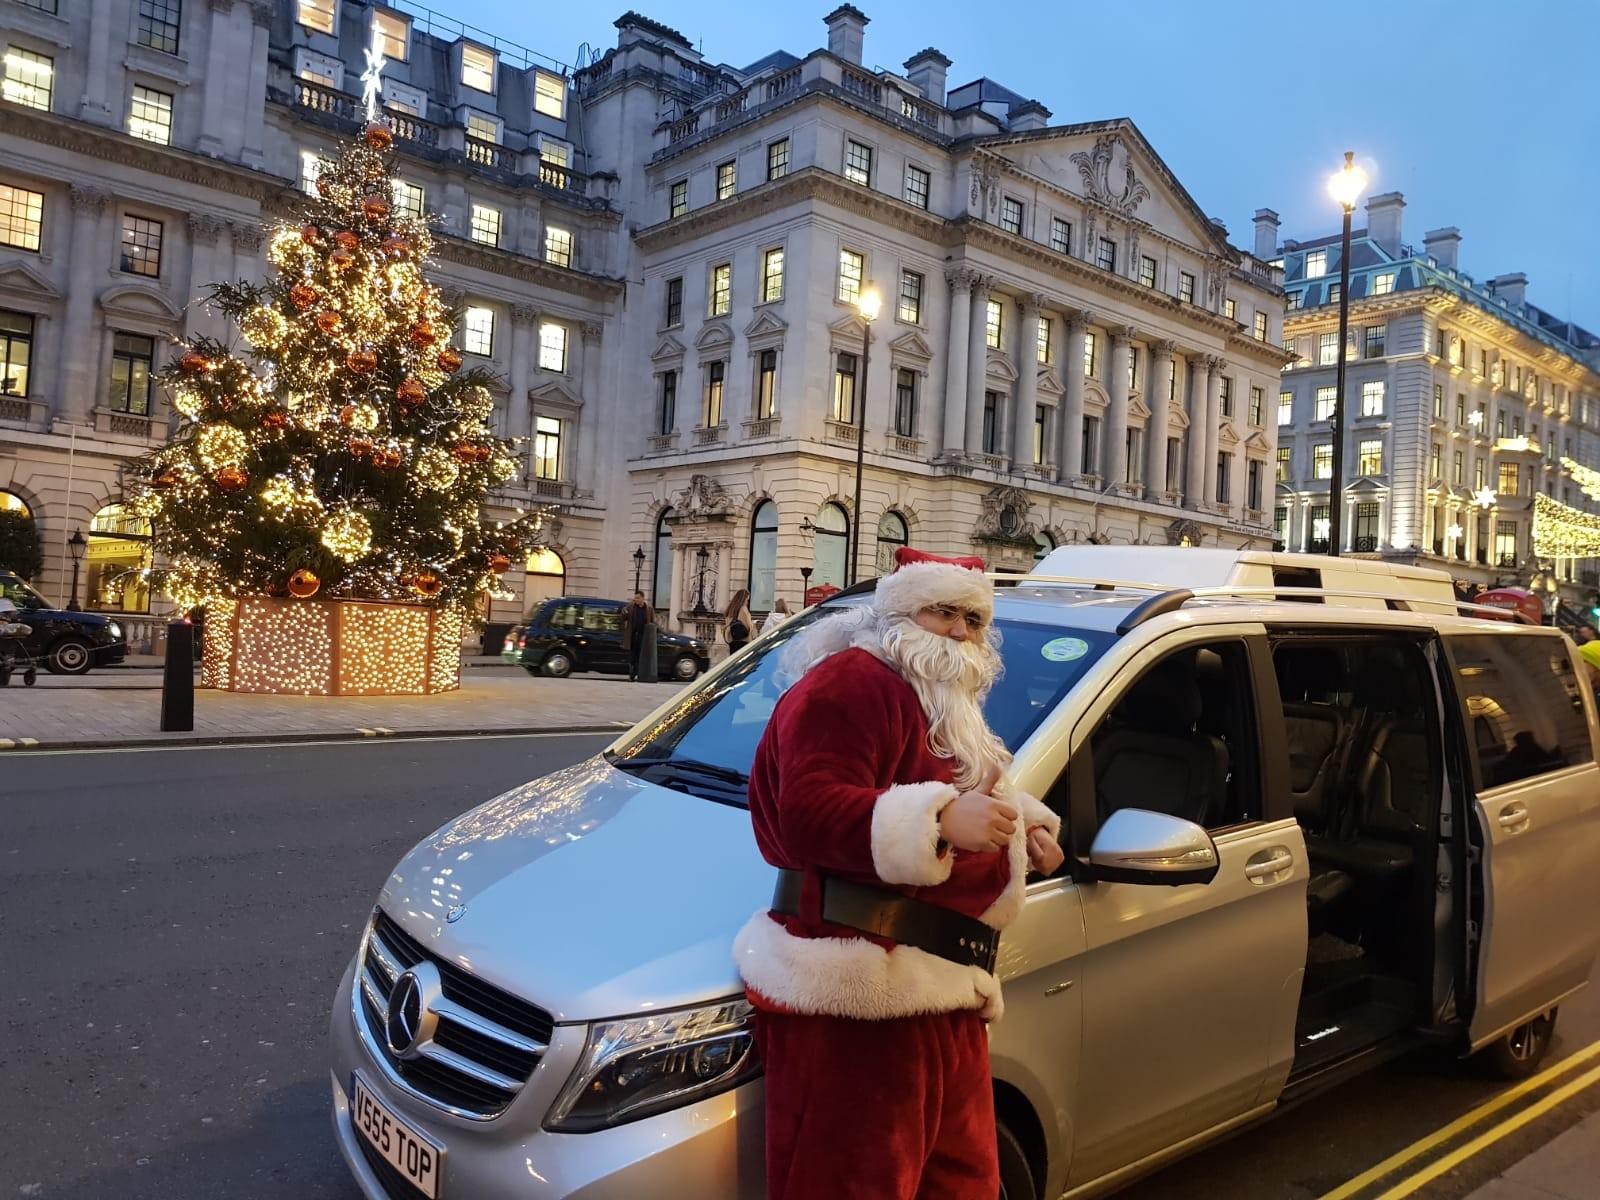 hire-mercedes-v-class-christmas-chauffeur